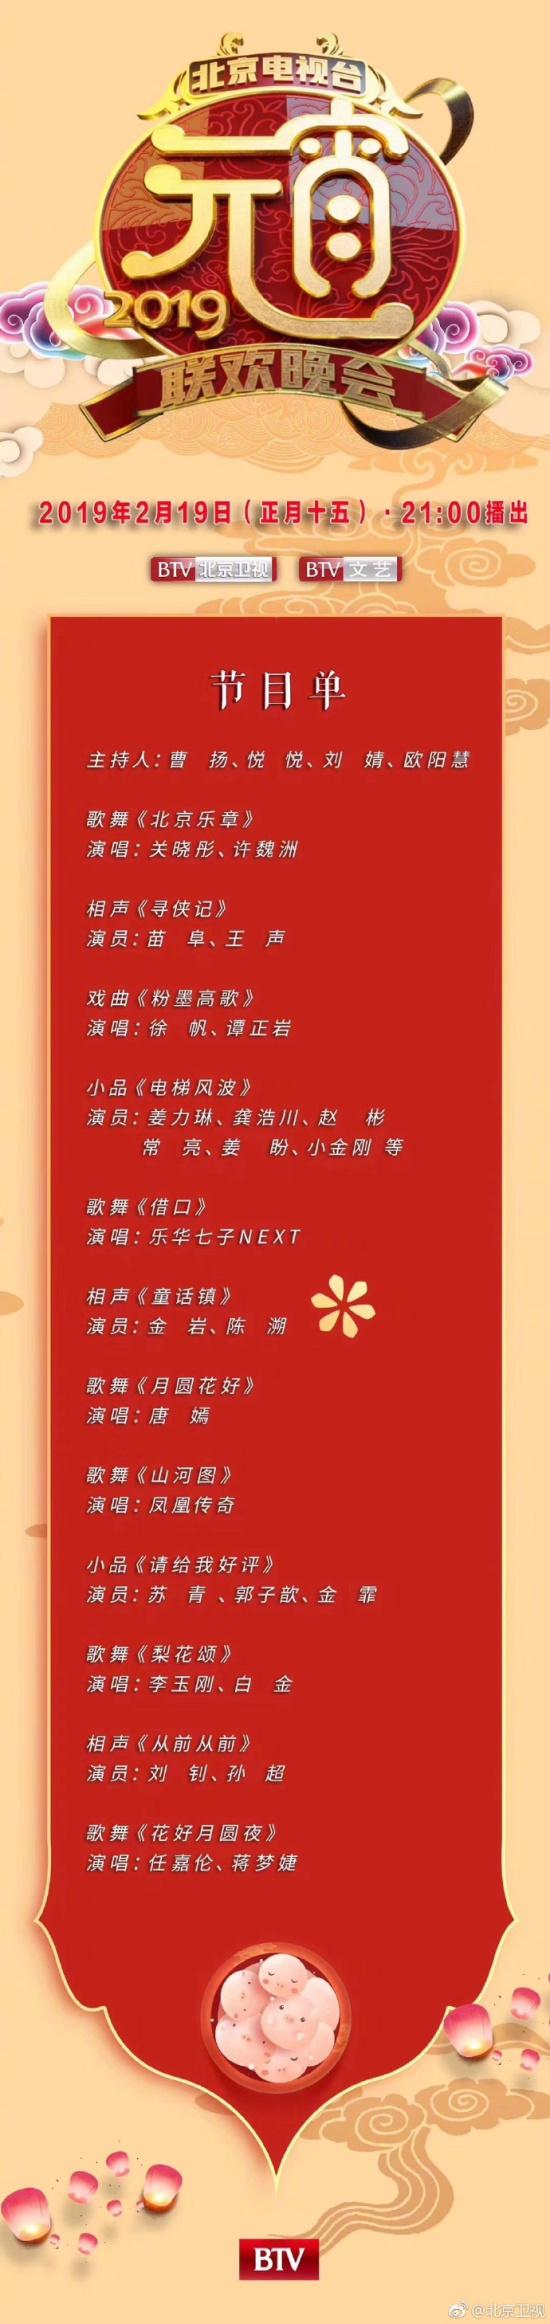 2019北京卫视元宵晚会节目单官方版